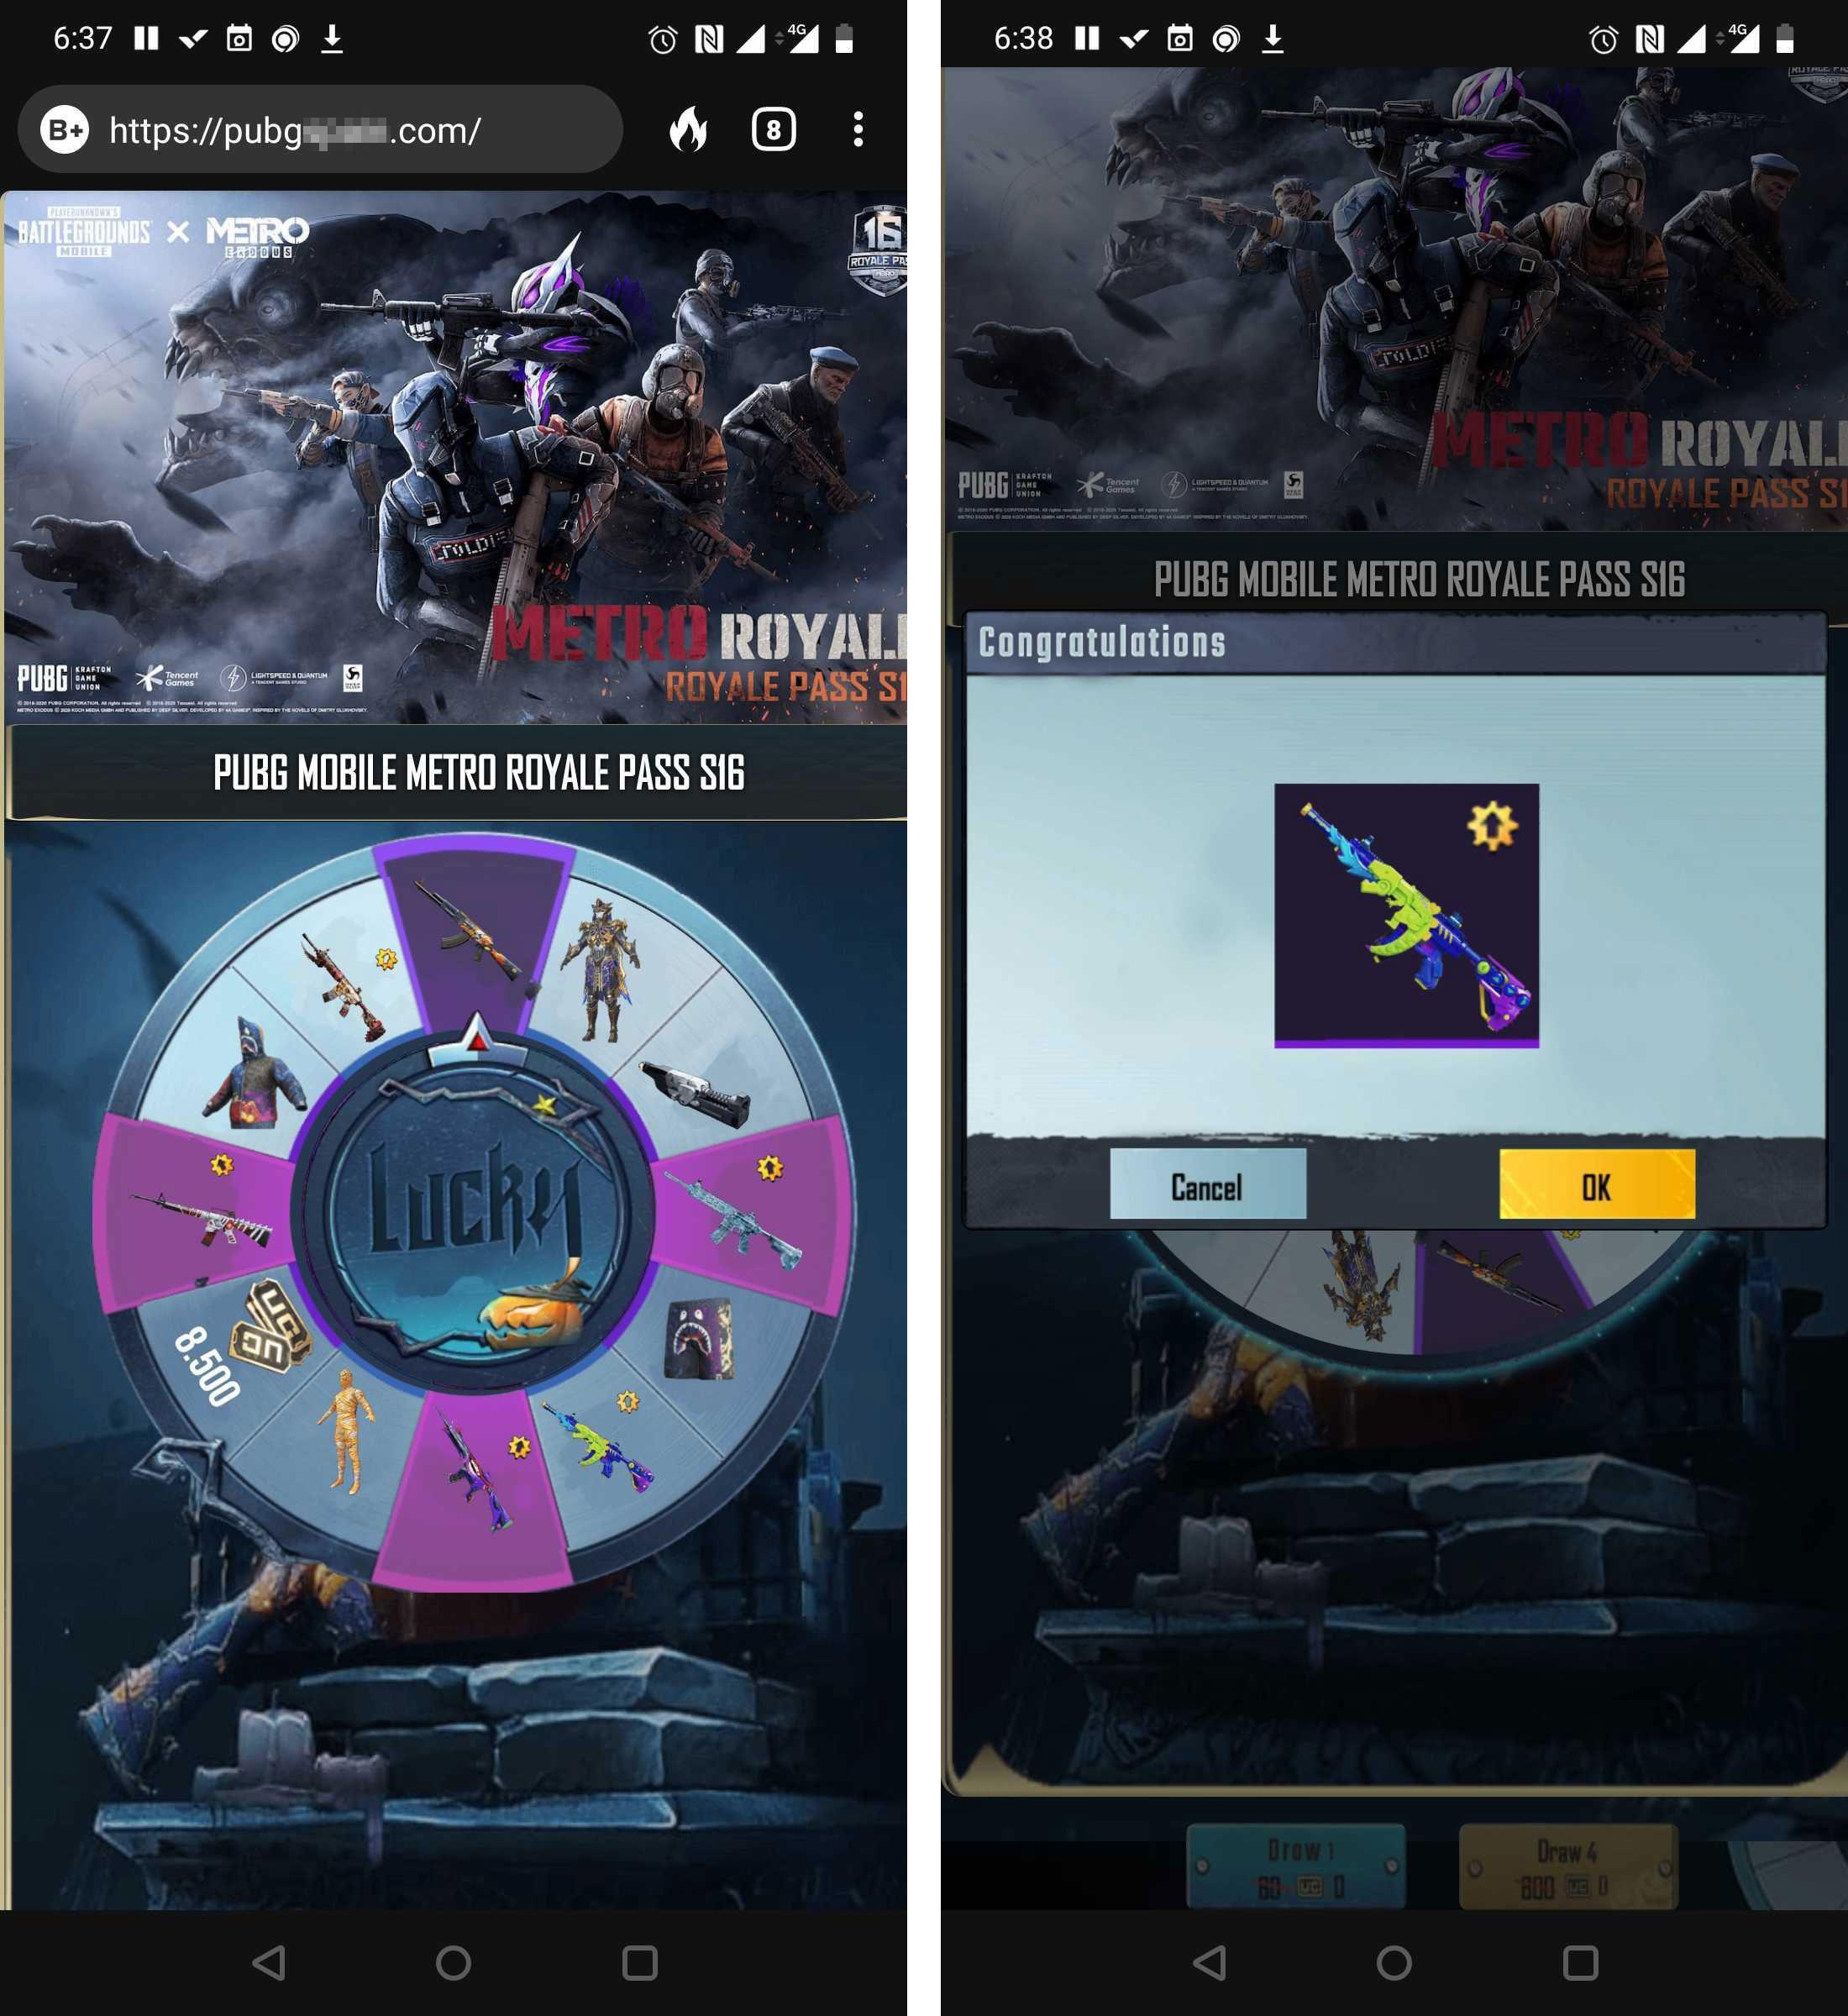 『PUBG Mobile』と『Metro Exodus』のコラボレーション記念と称し、ガチャを回せるようになっているフィッシングページ